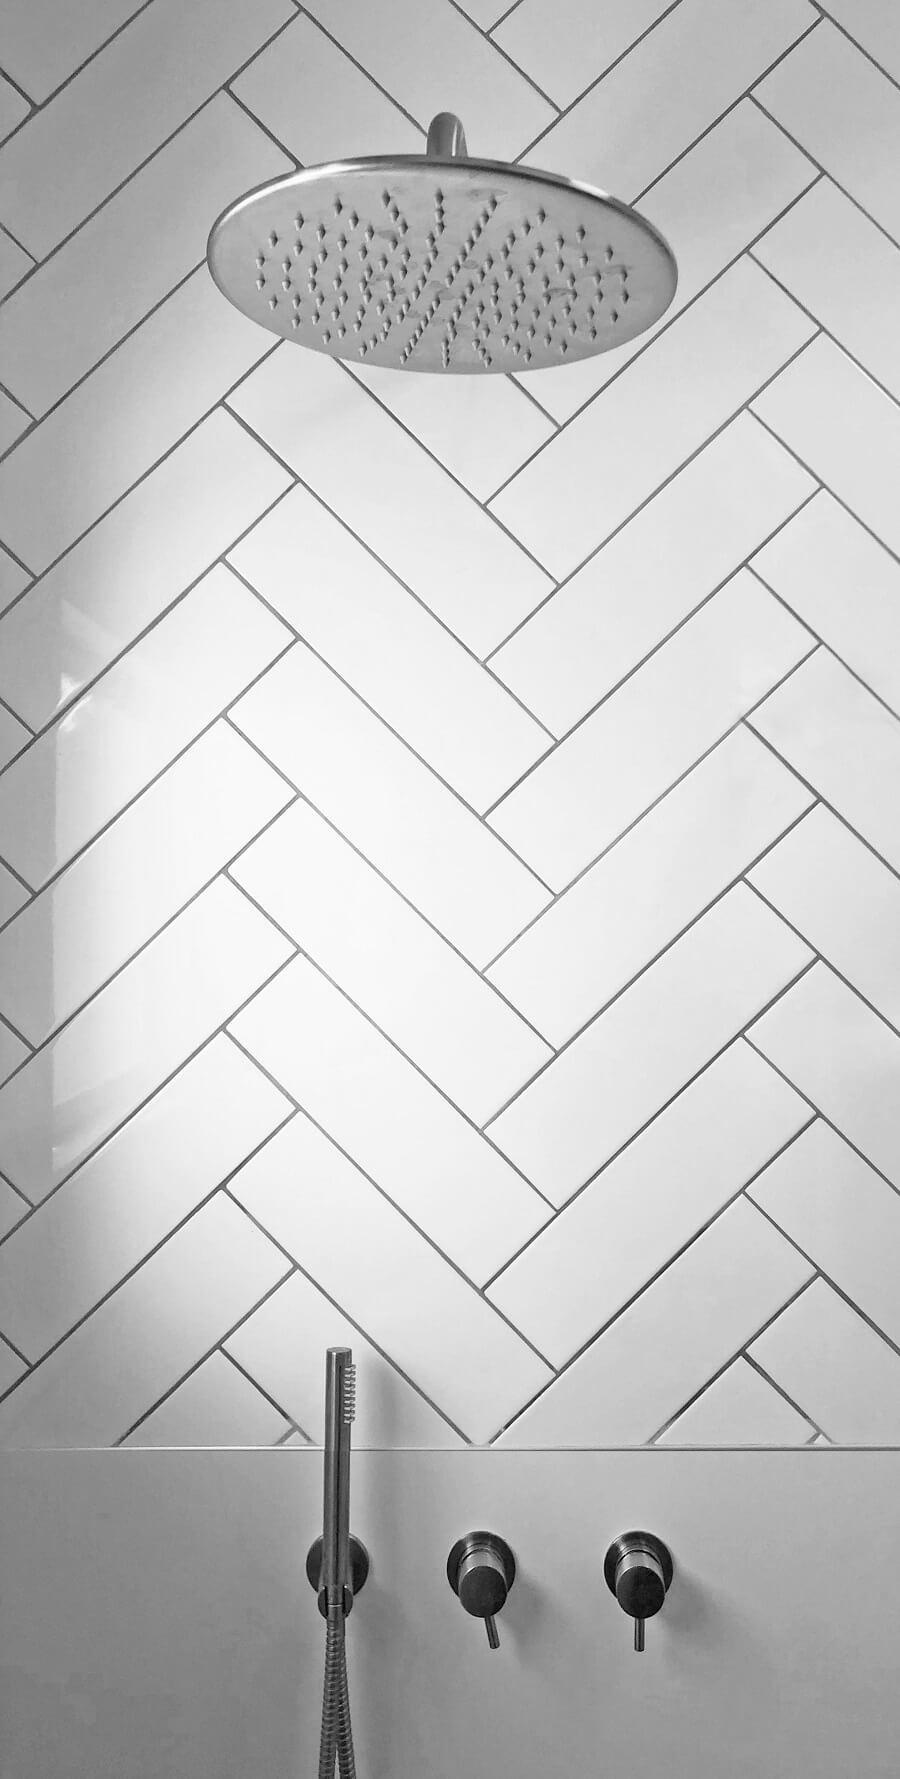 עיצוב נועה דניר | צילום סיגל סבן